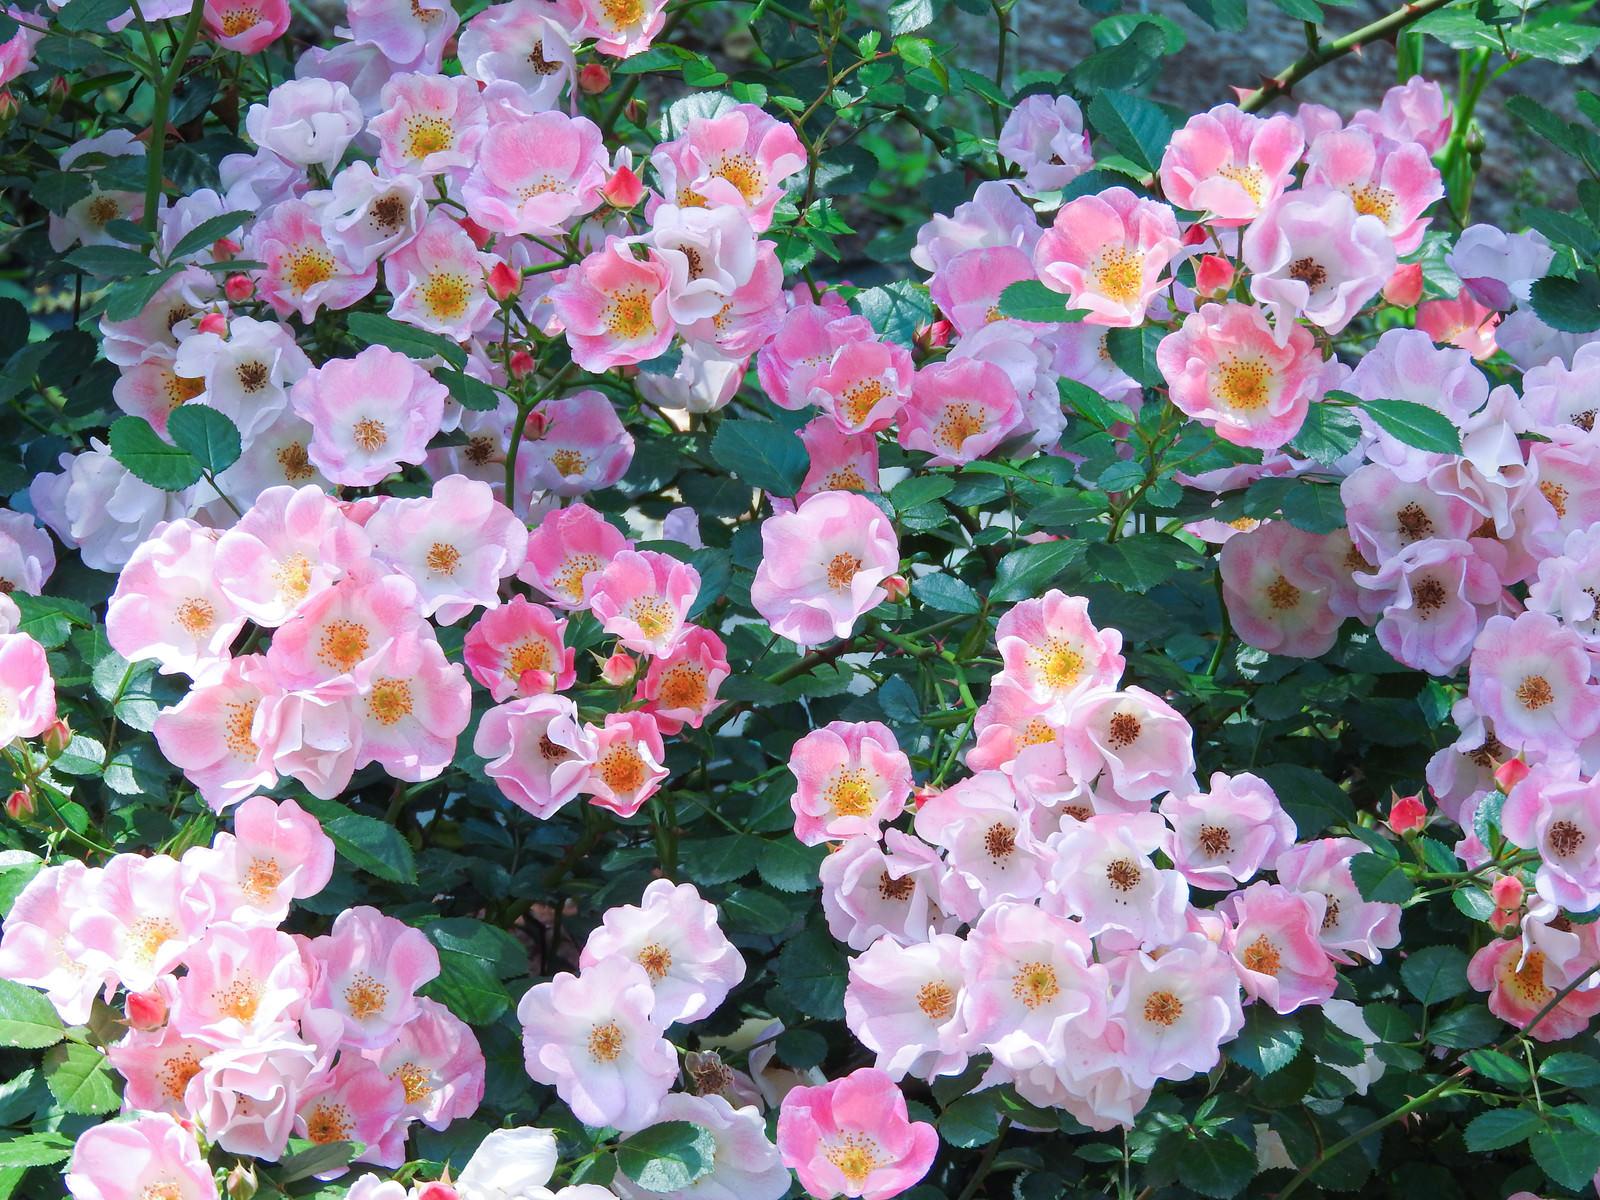 「ピンク一重の薔薇(バラ科)」の写真